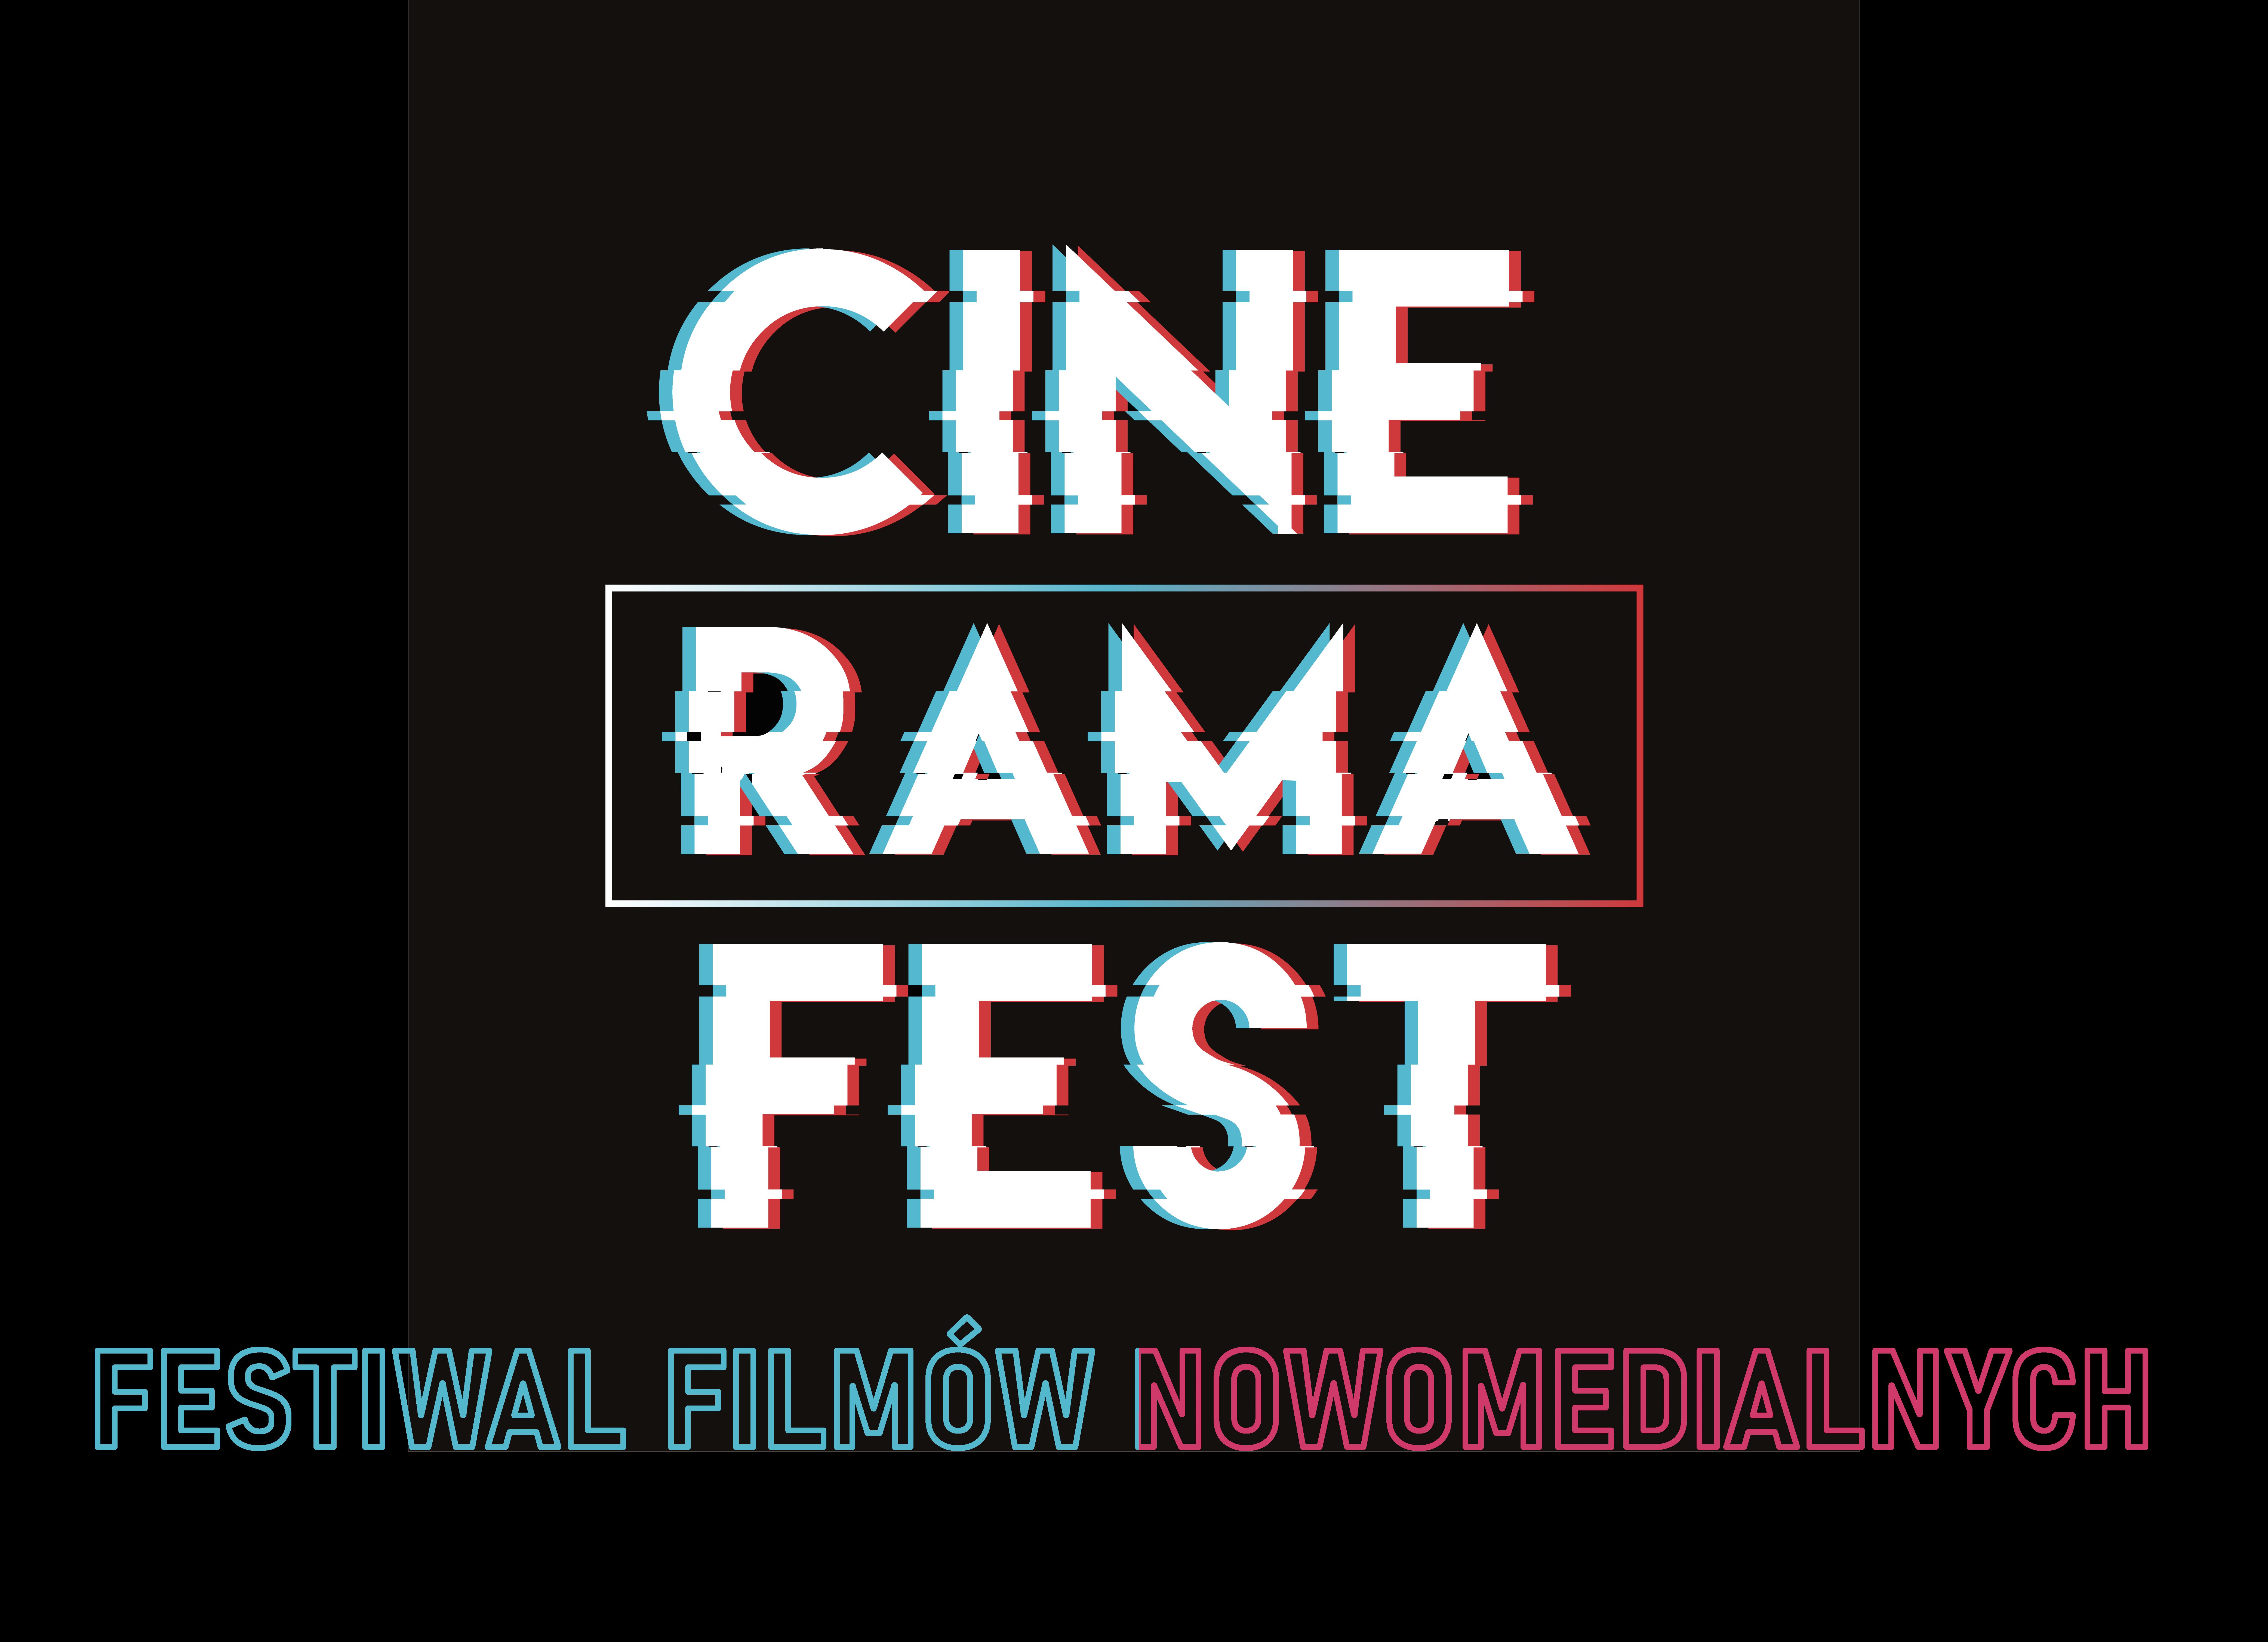 Cinerama Fest - Festiwal Filmów Nowomedialnych